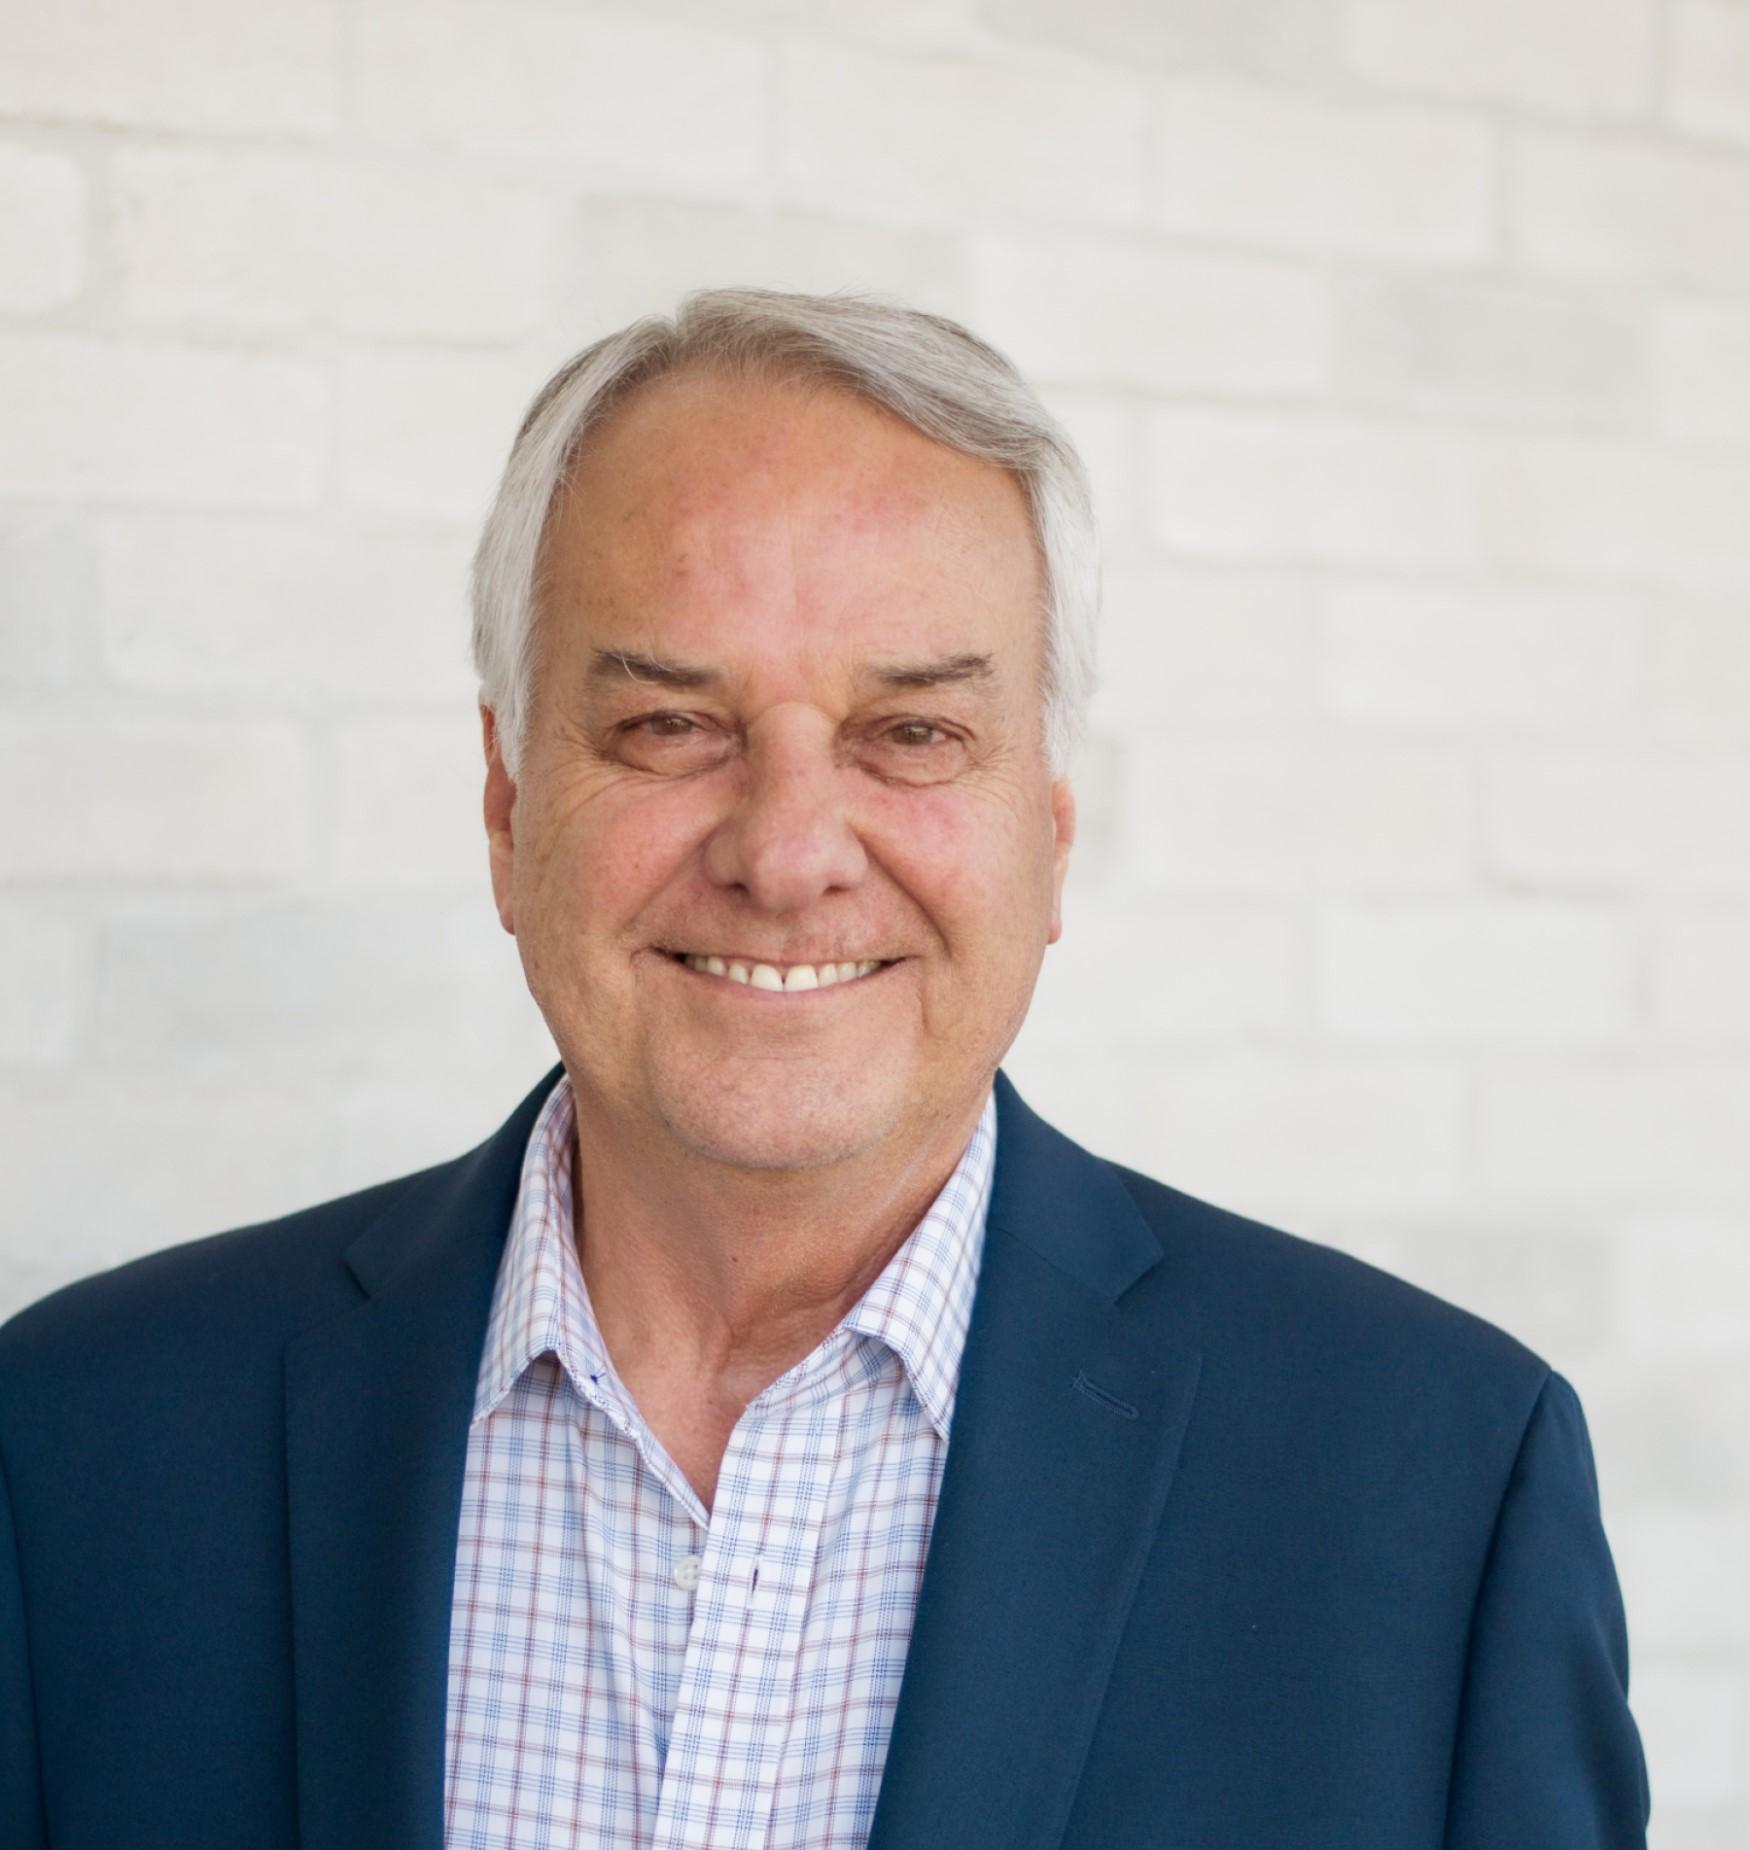 Jim Van Zanten